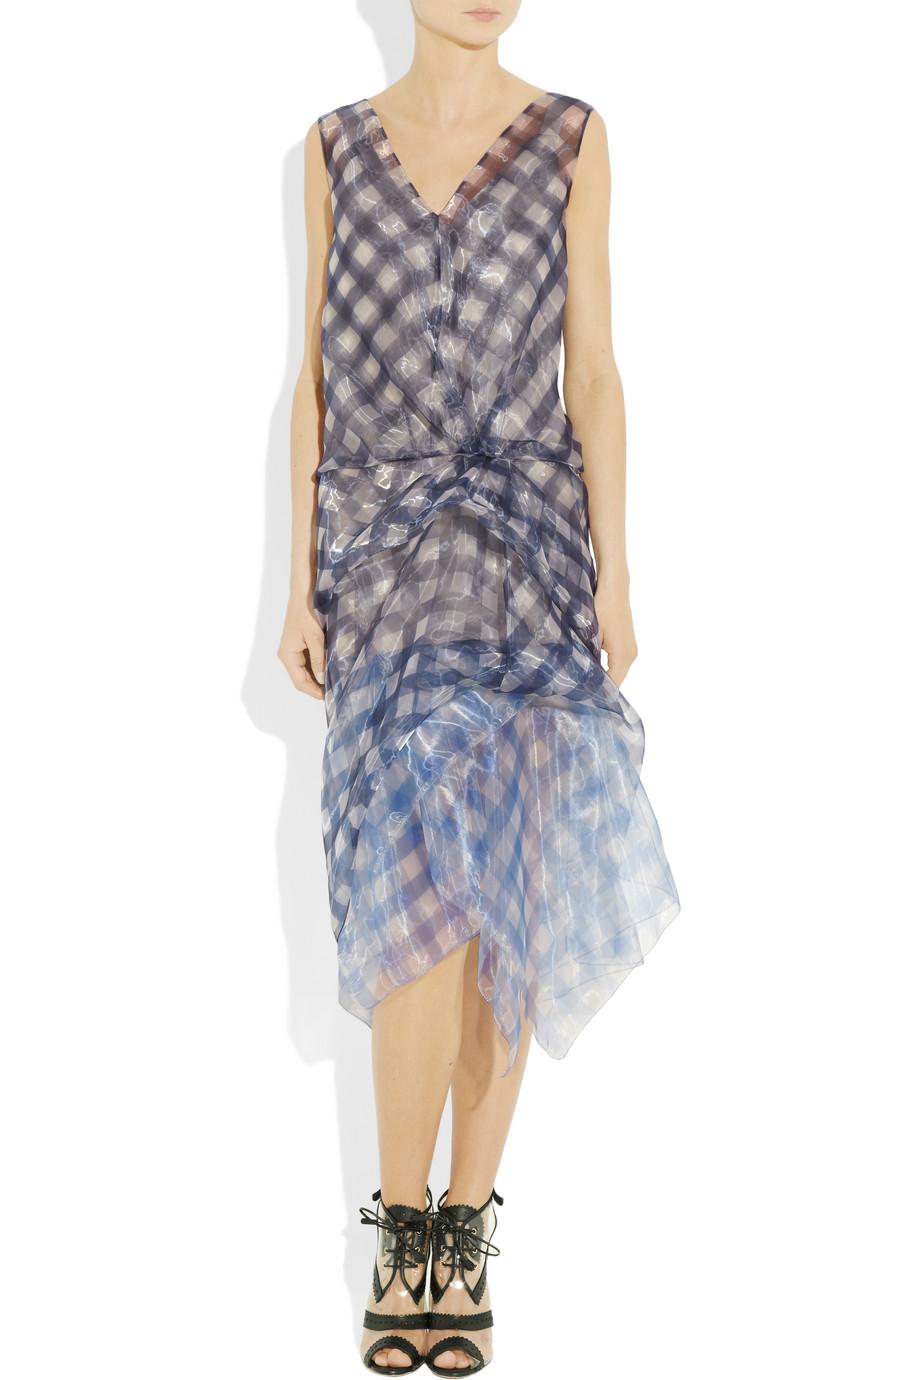 Marc Jacobs Woman Checked Silk Crepe De Chine Mini Dress Light Blue Size 6 Marc Jacobs UqfaSEC5un